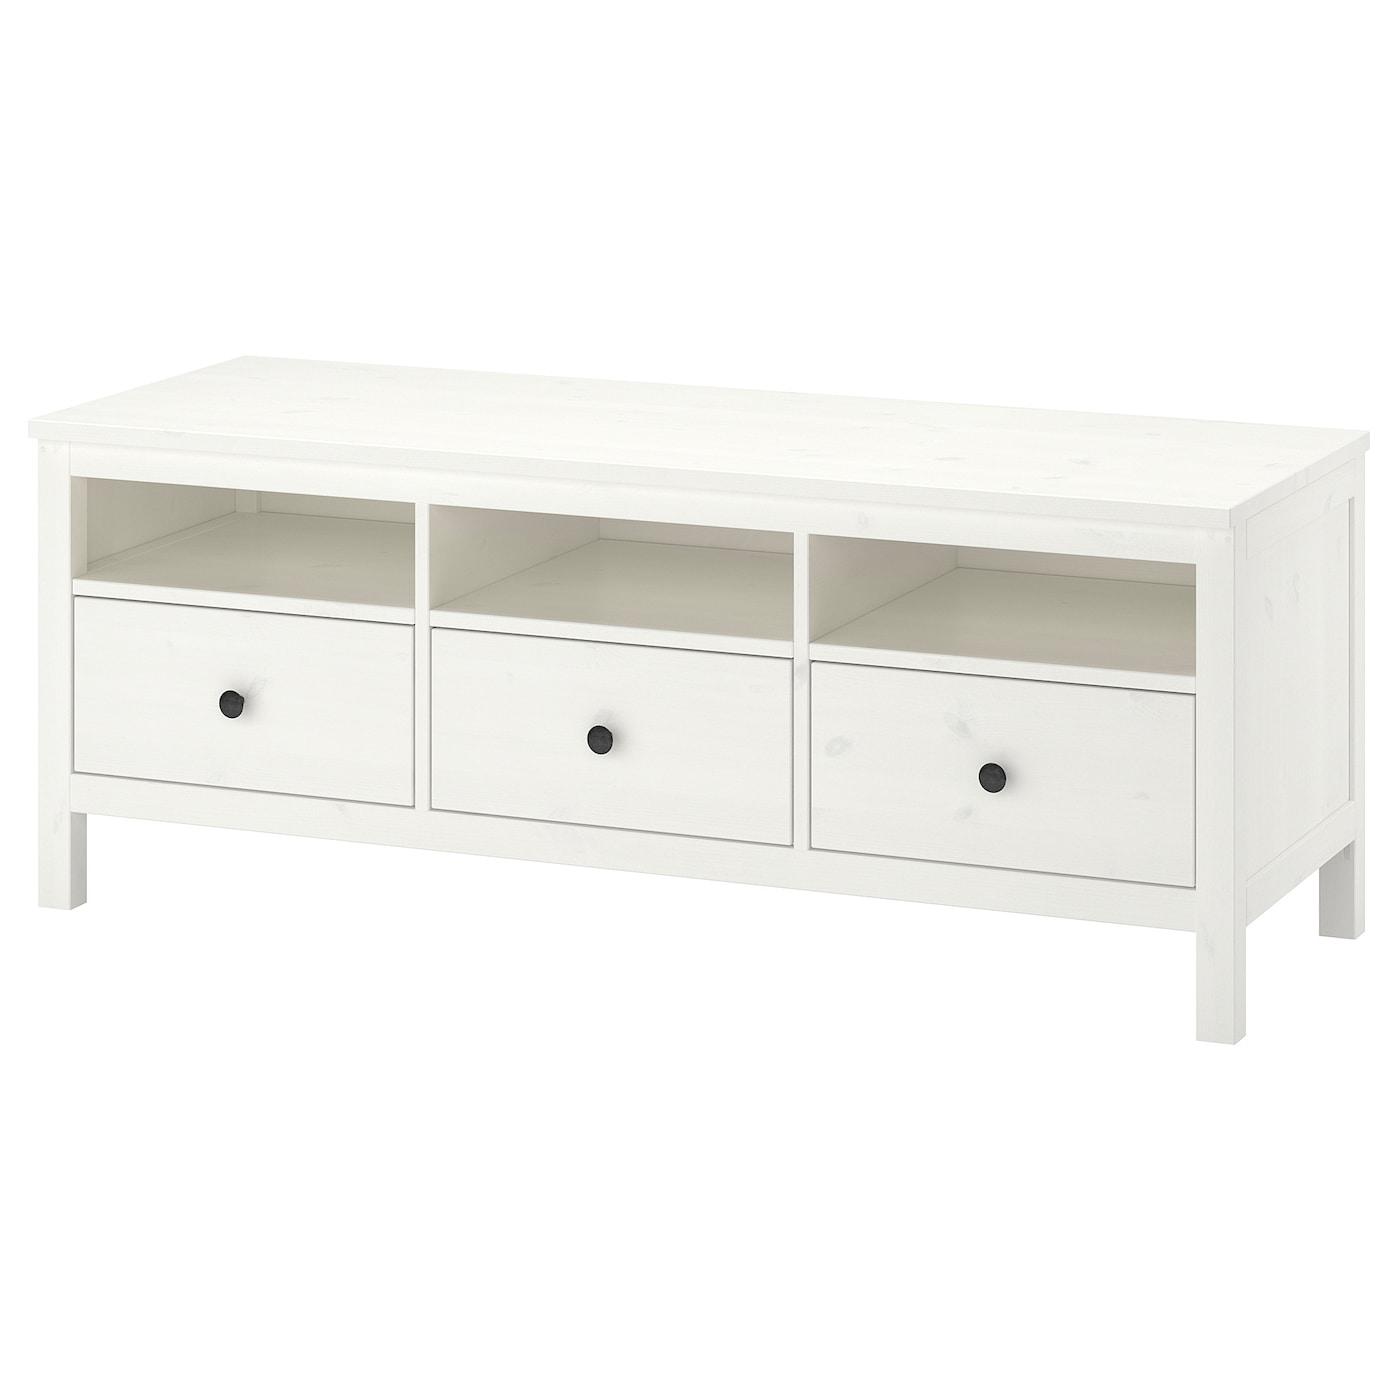 Mueble tv, tinte blanco, 148x47x57 cm